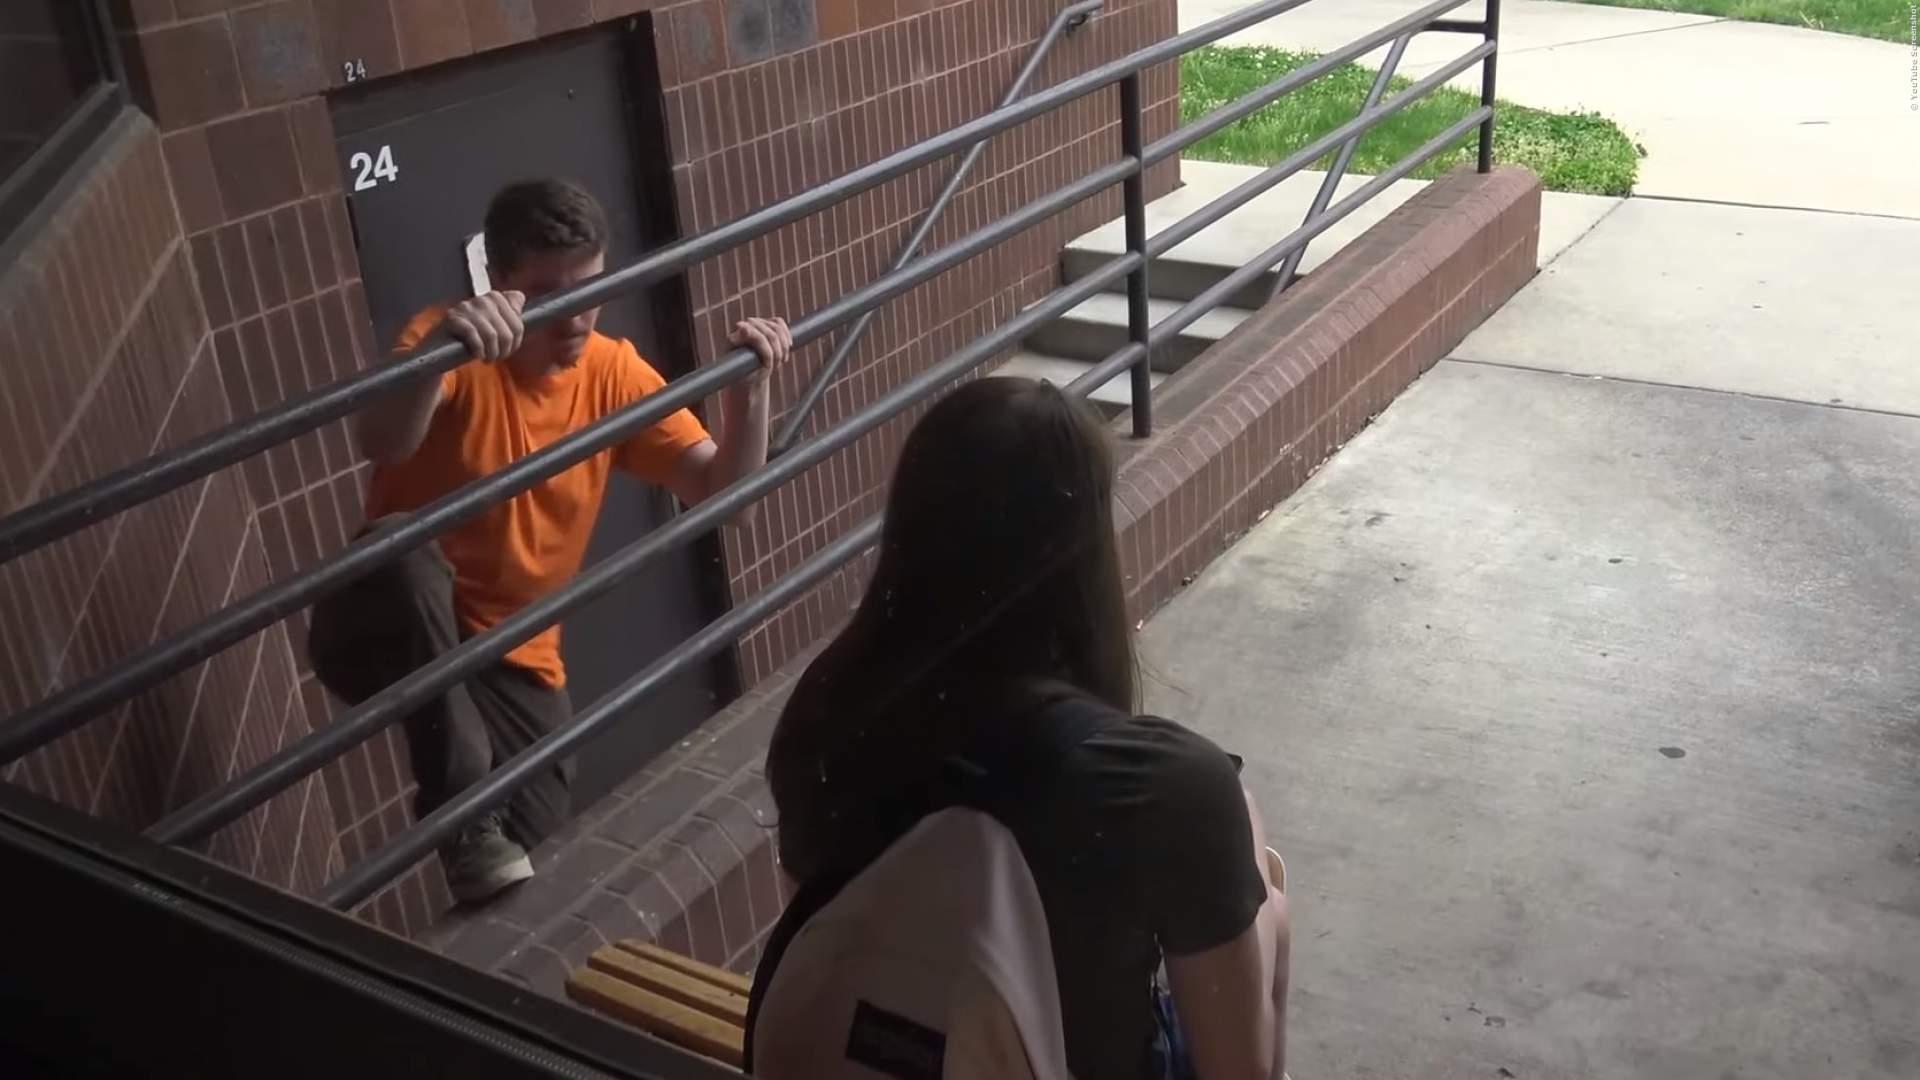 VIDEO: Dreister Typ verarscht Mädchen mit Handy-Diebstahl - Fieser Streich, aber richtig lustig